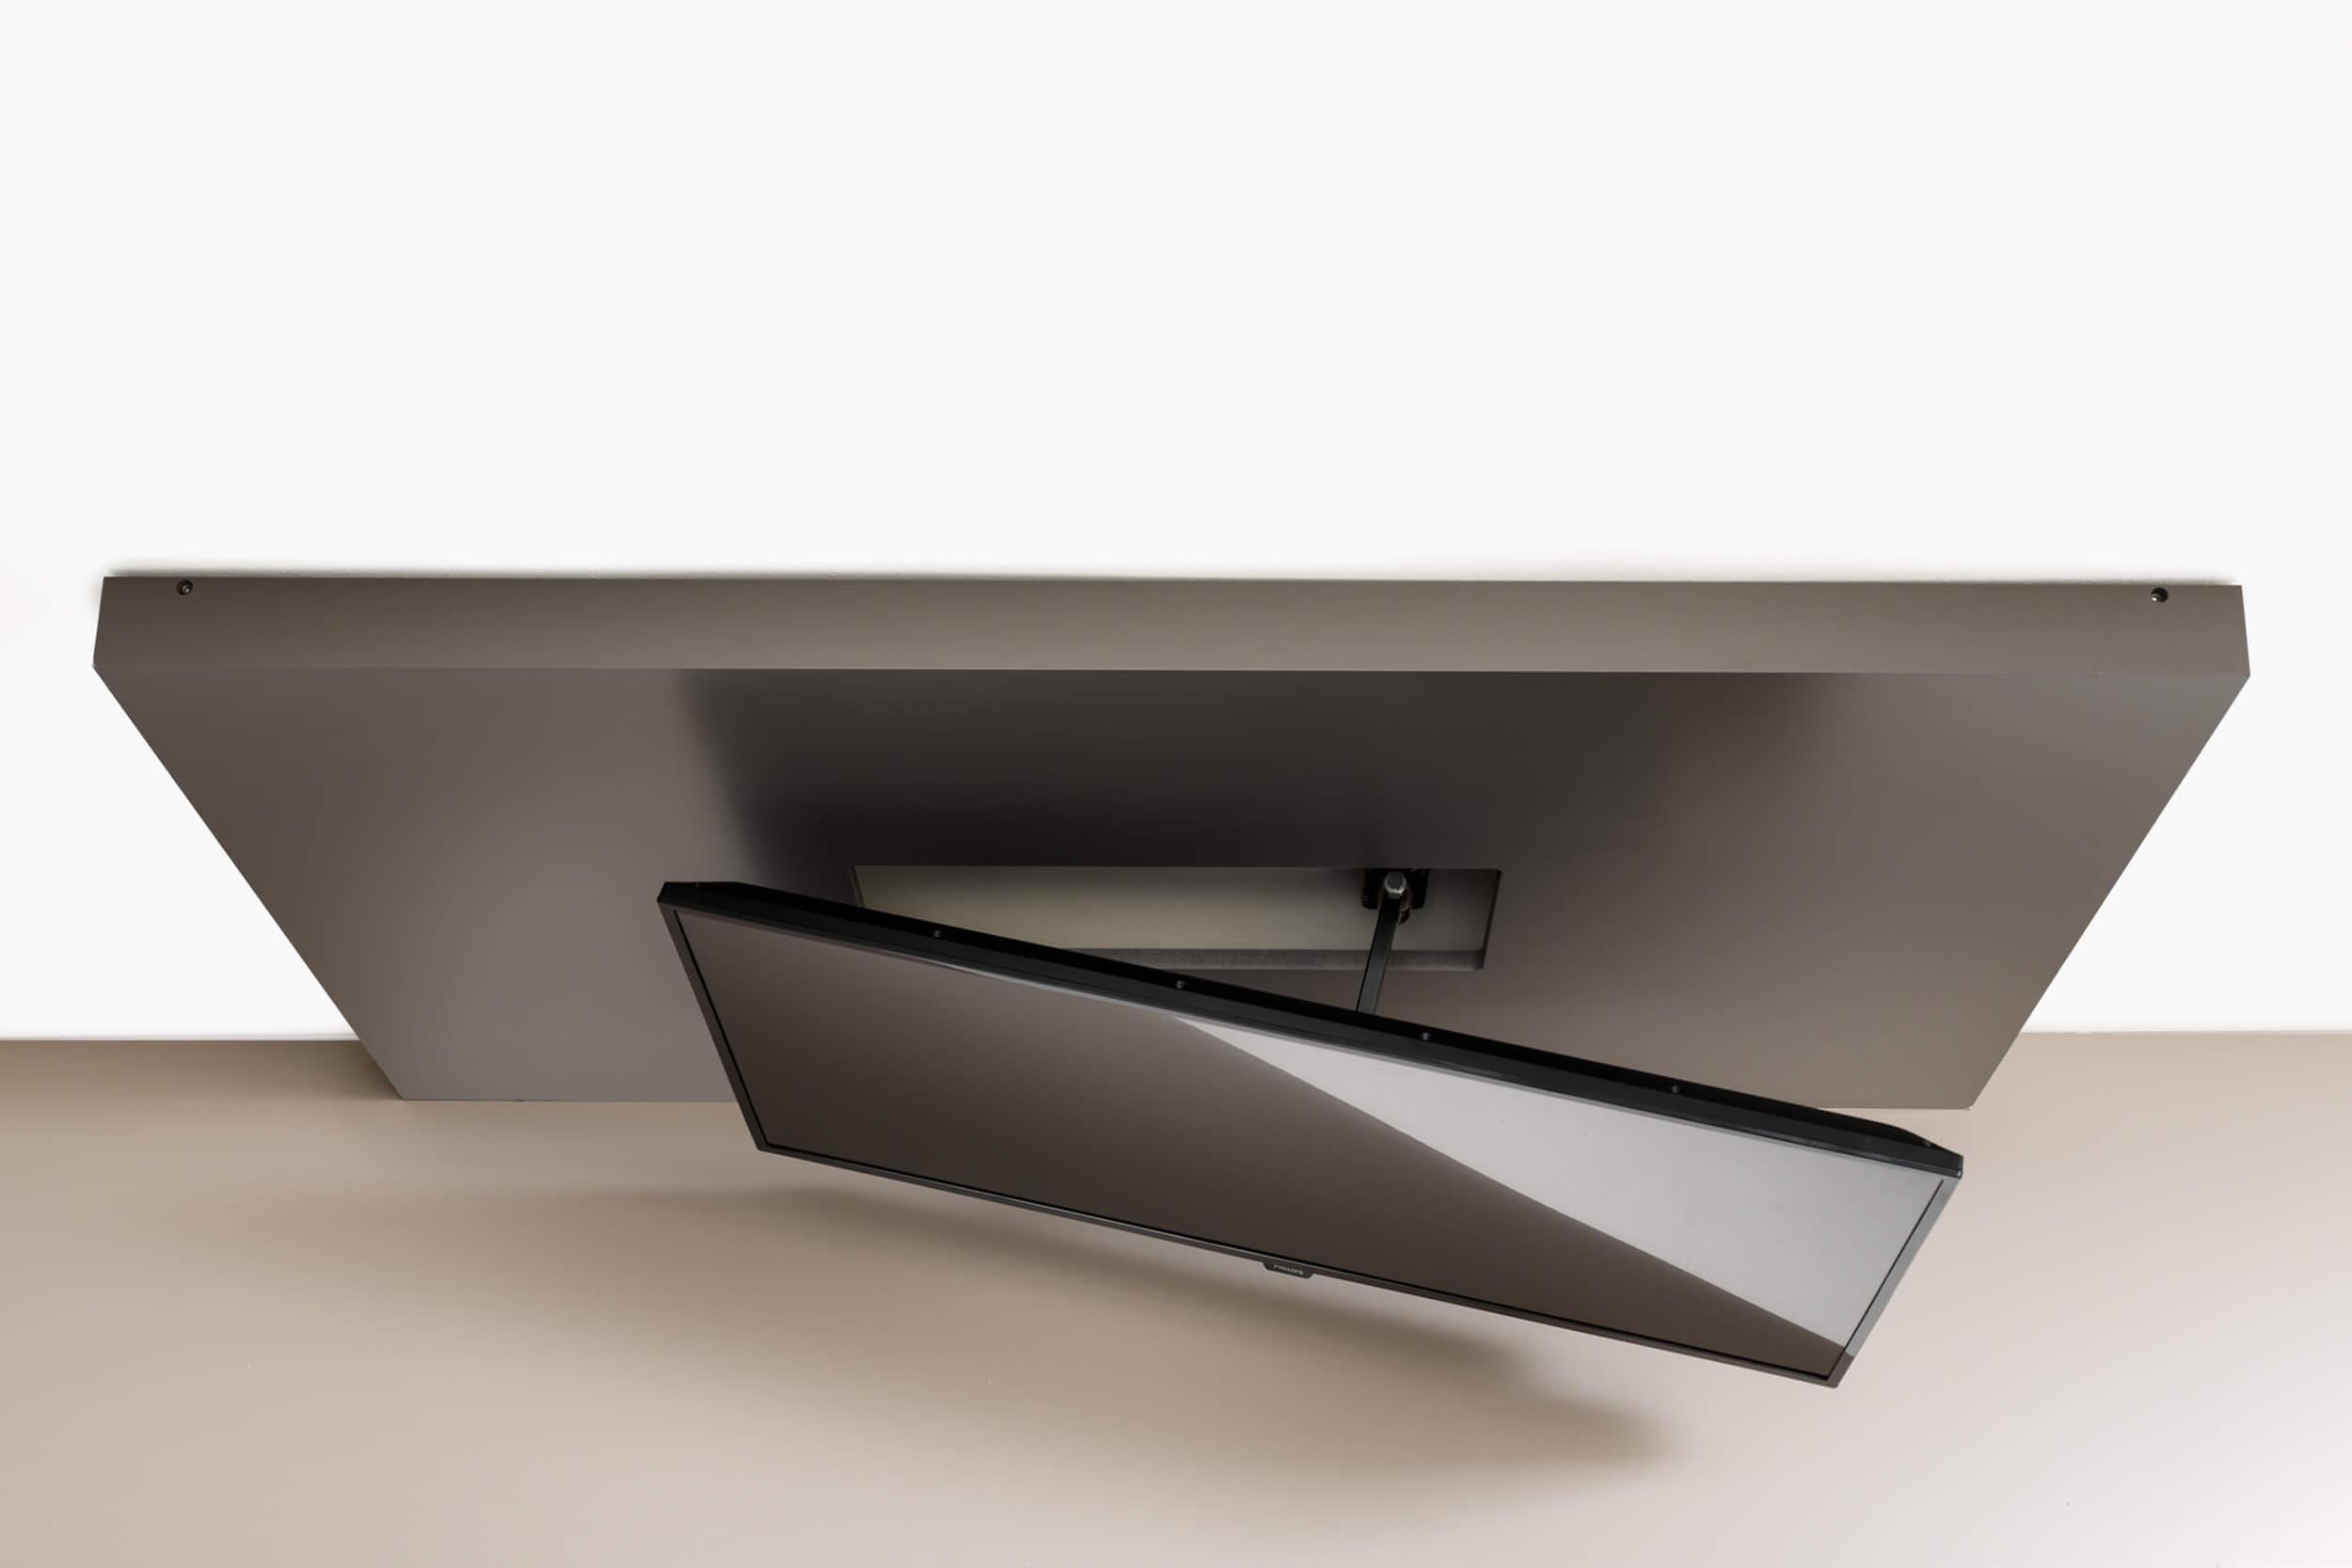 Pannello Porta Tv Orientabile.Mobili Porta Tv Moderni E Di Design Novamobili